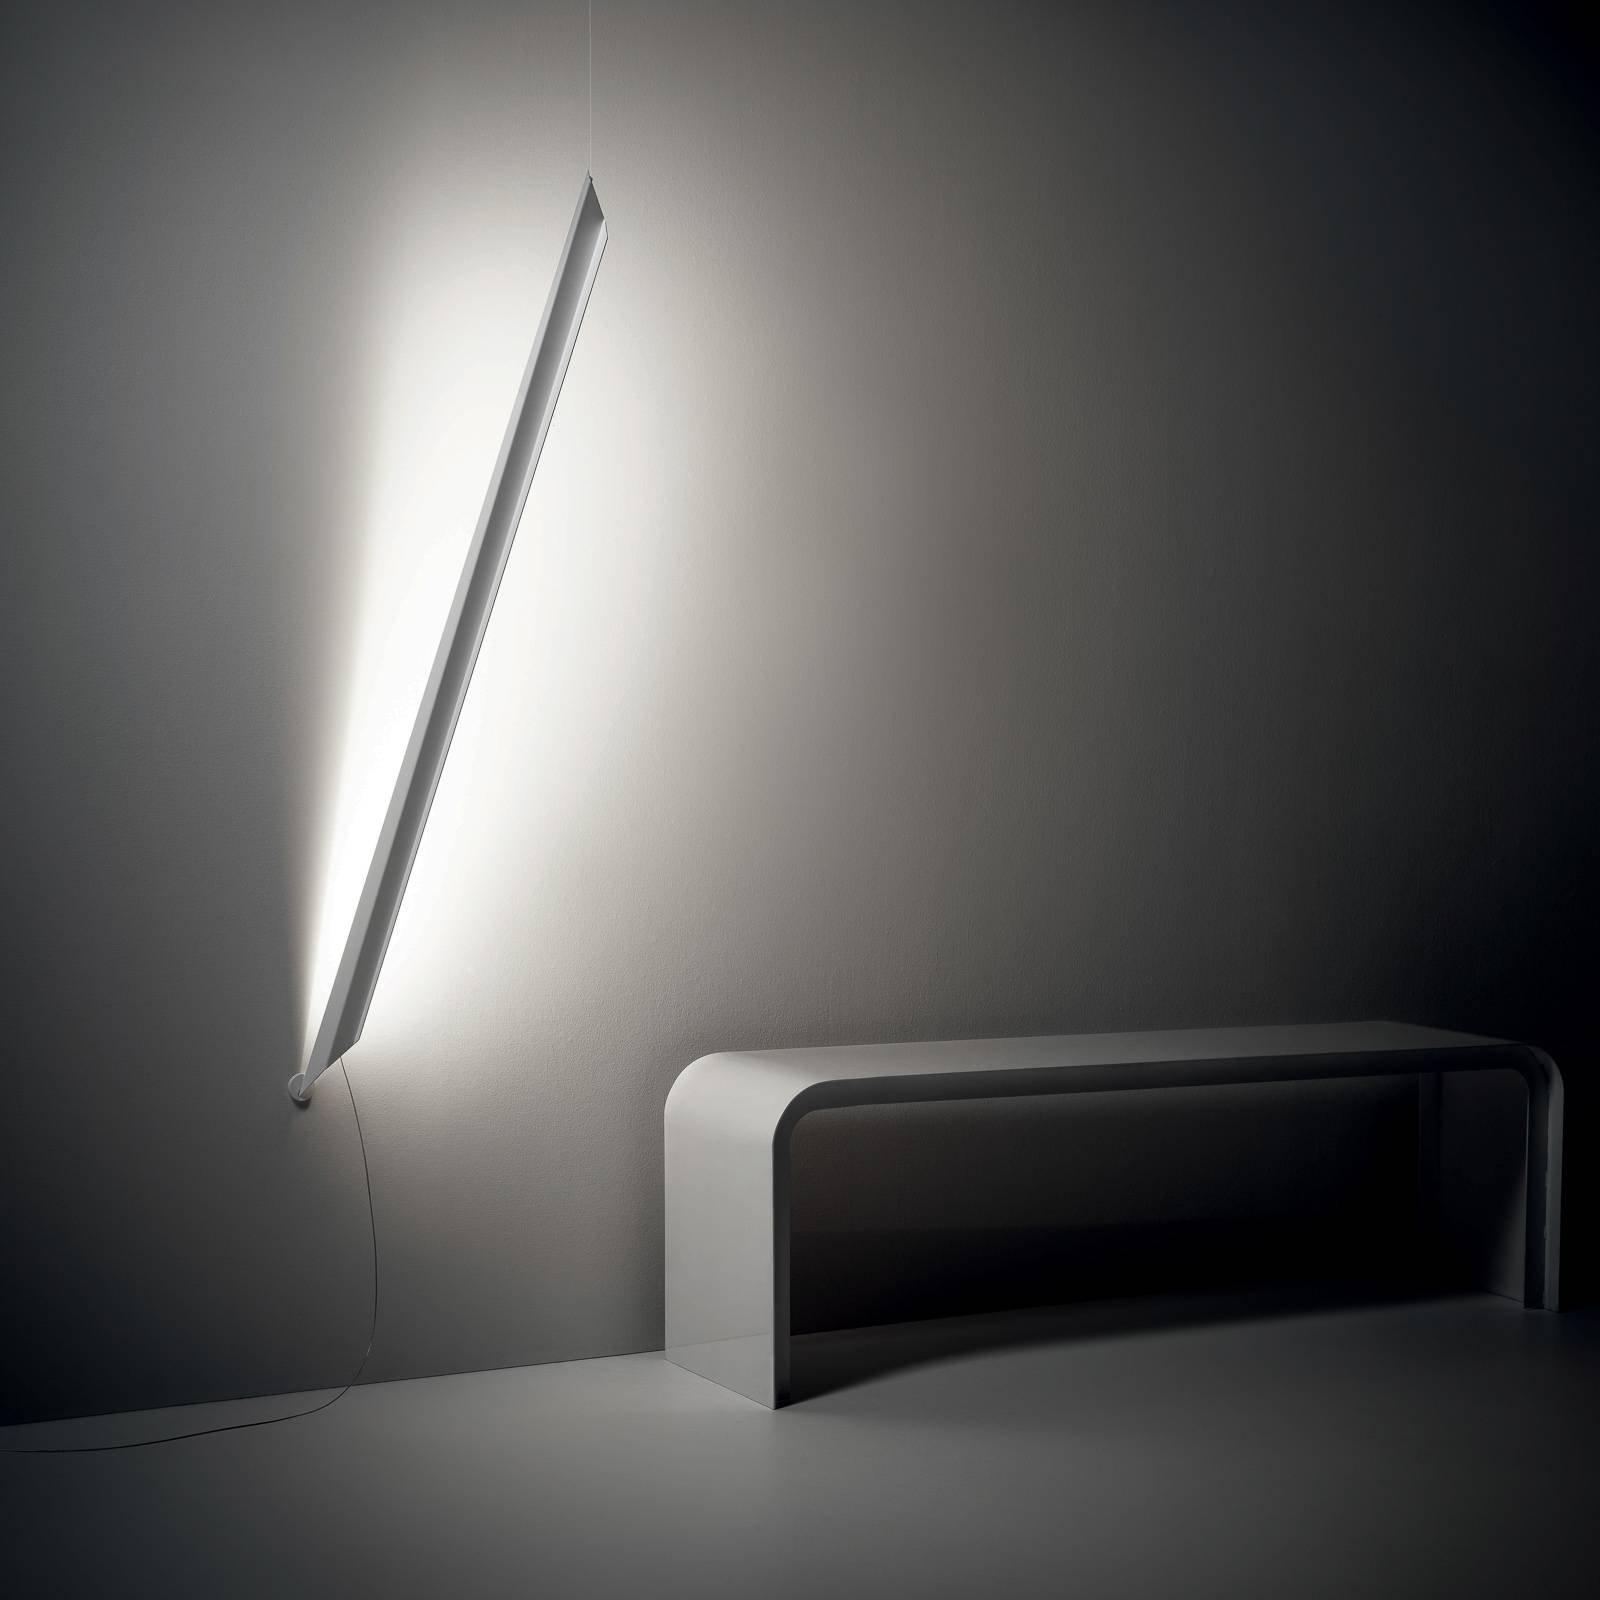 Knikerboker Schegge LED-vegglampe, hvit